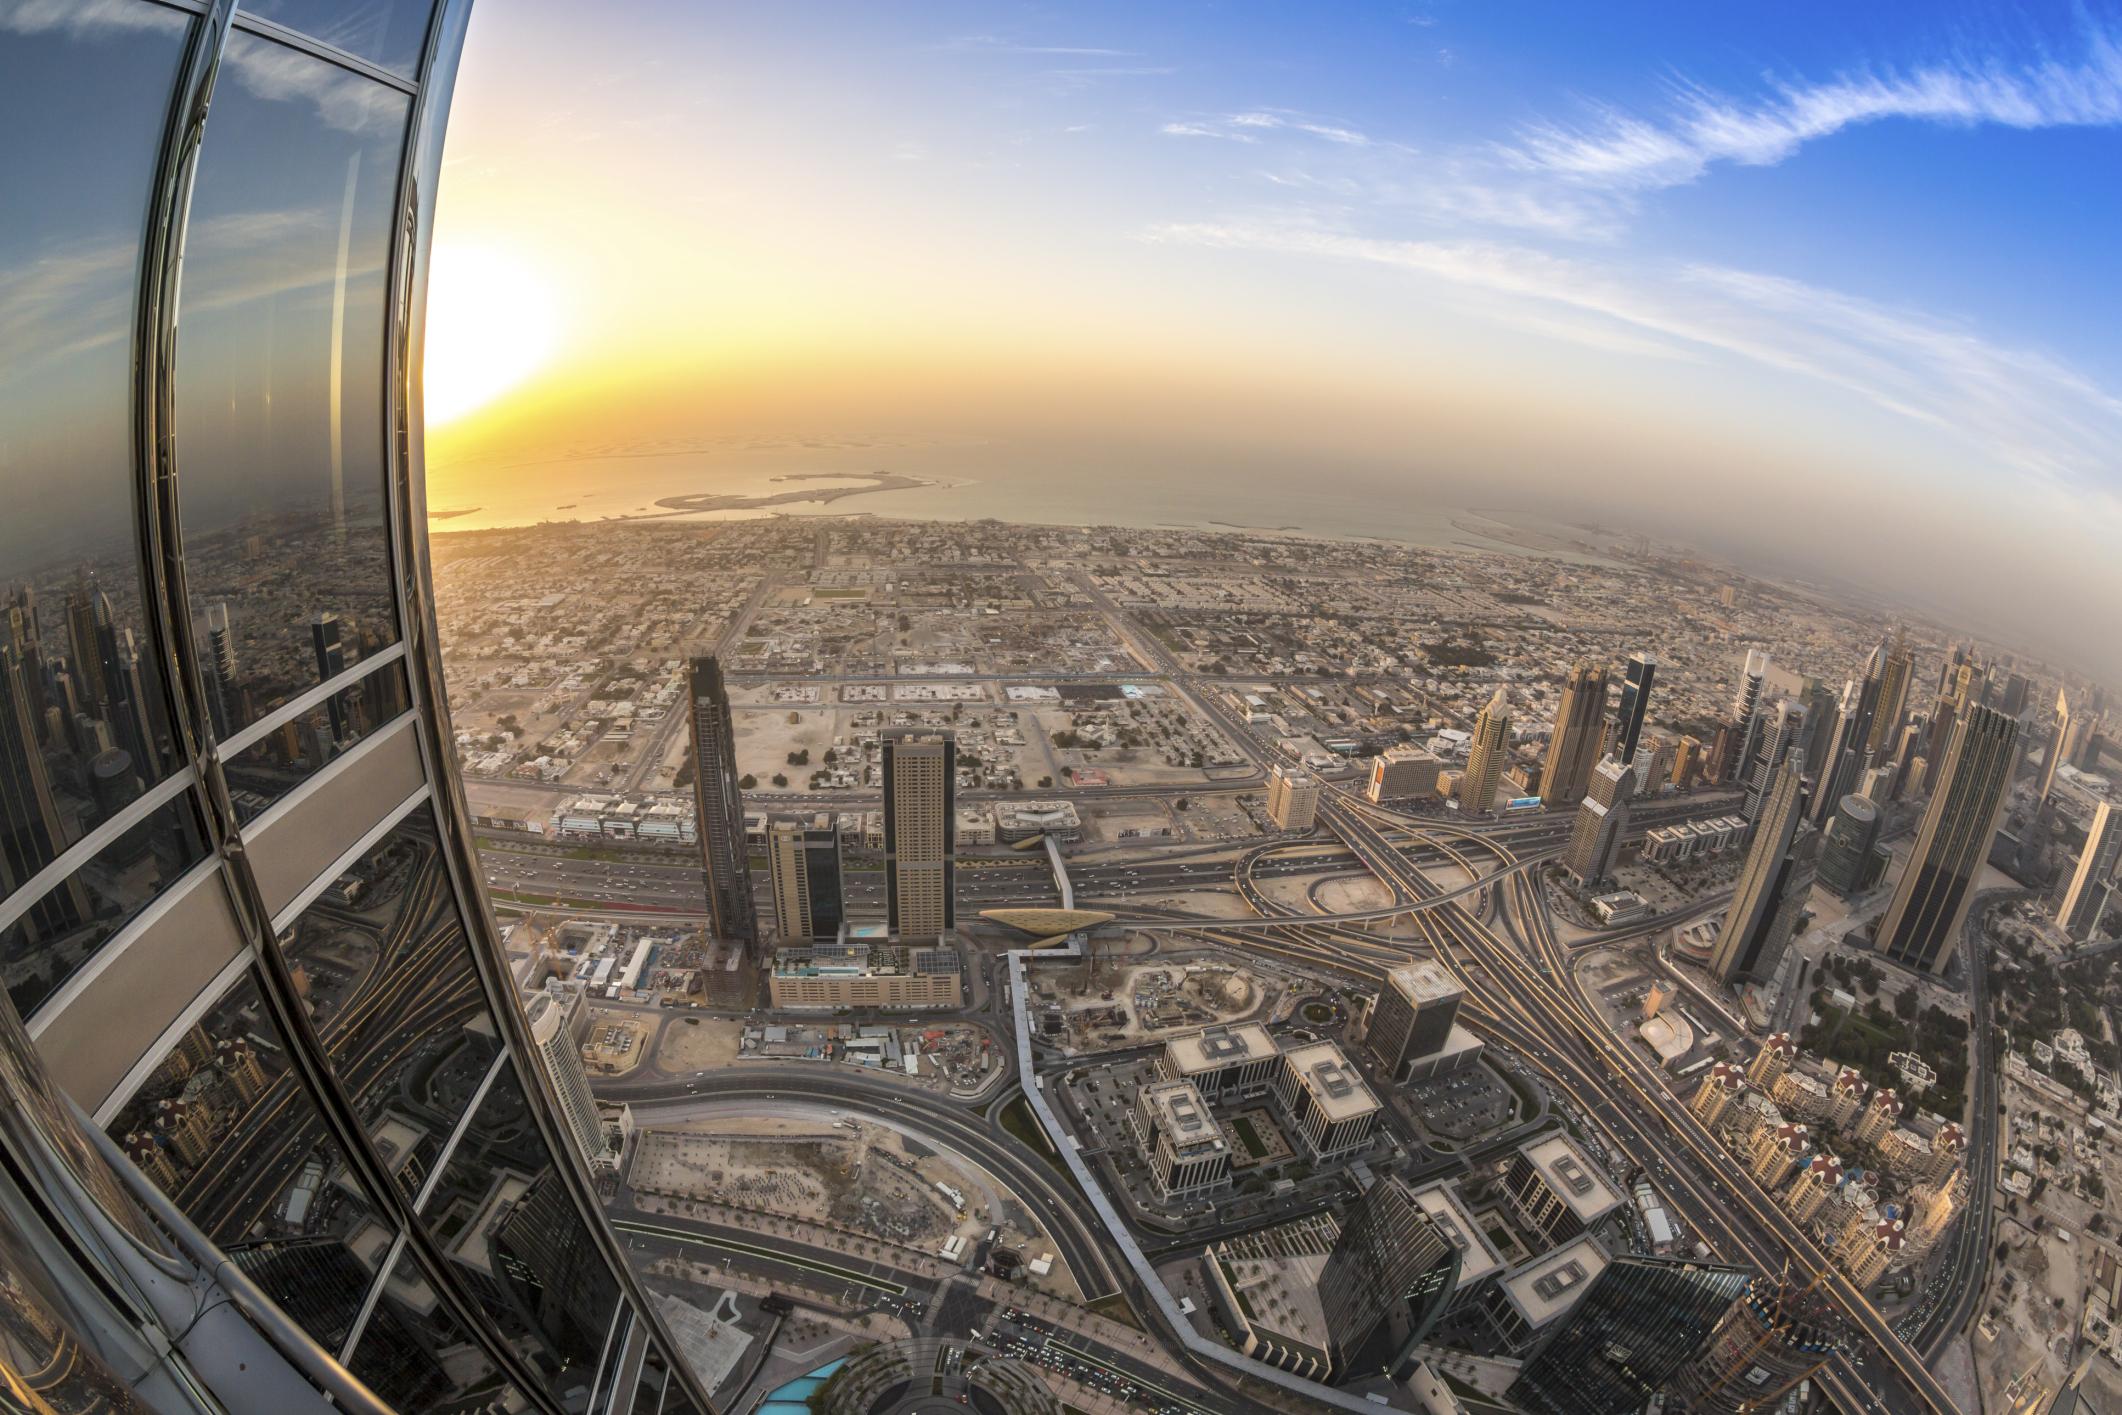 Смотровая площадка Бурдж Халифа, Небоскреб Бурдж Халифа, Дубай, ОАЭ, Ближний Восток